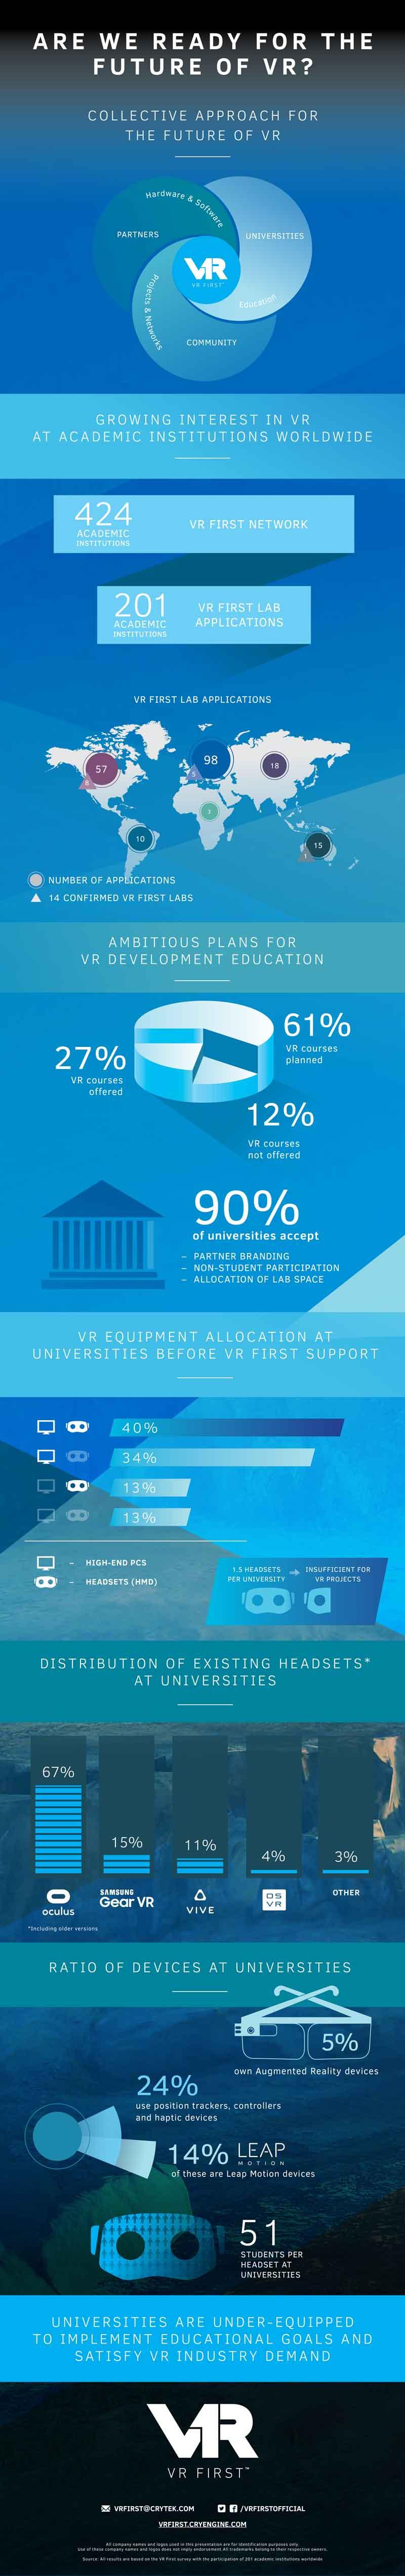 Umfrageergebnisse von Cryteks VR-Studie. Bild: Crytek